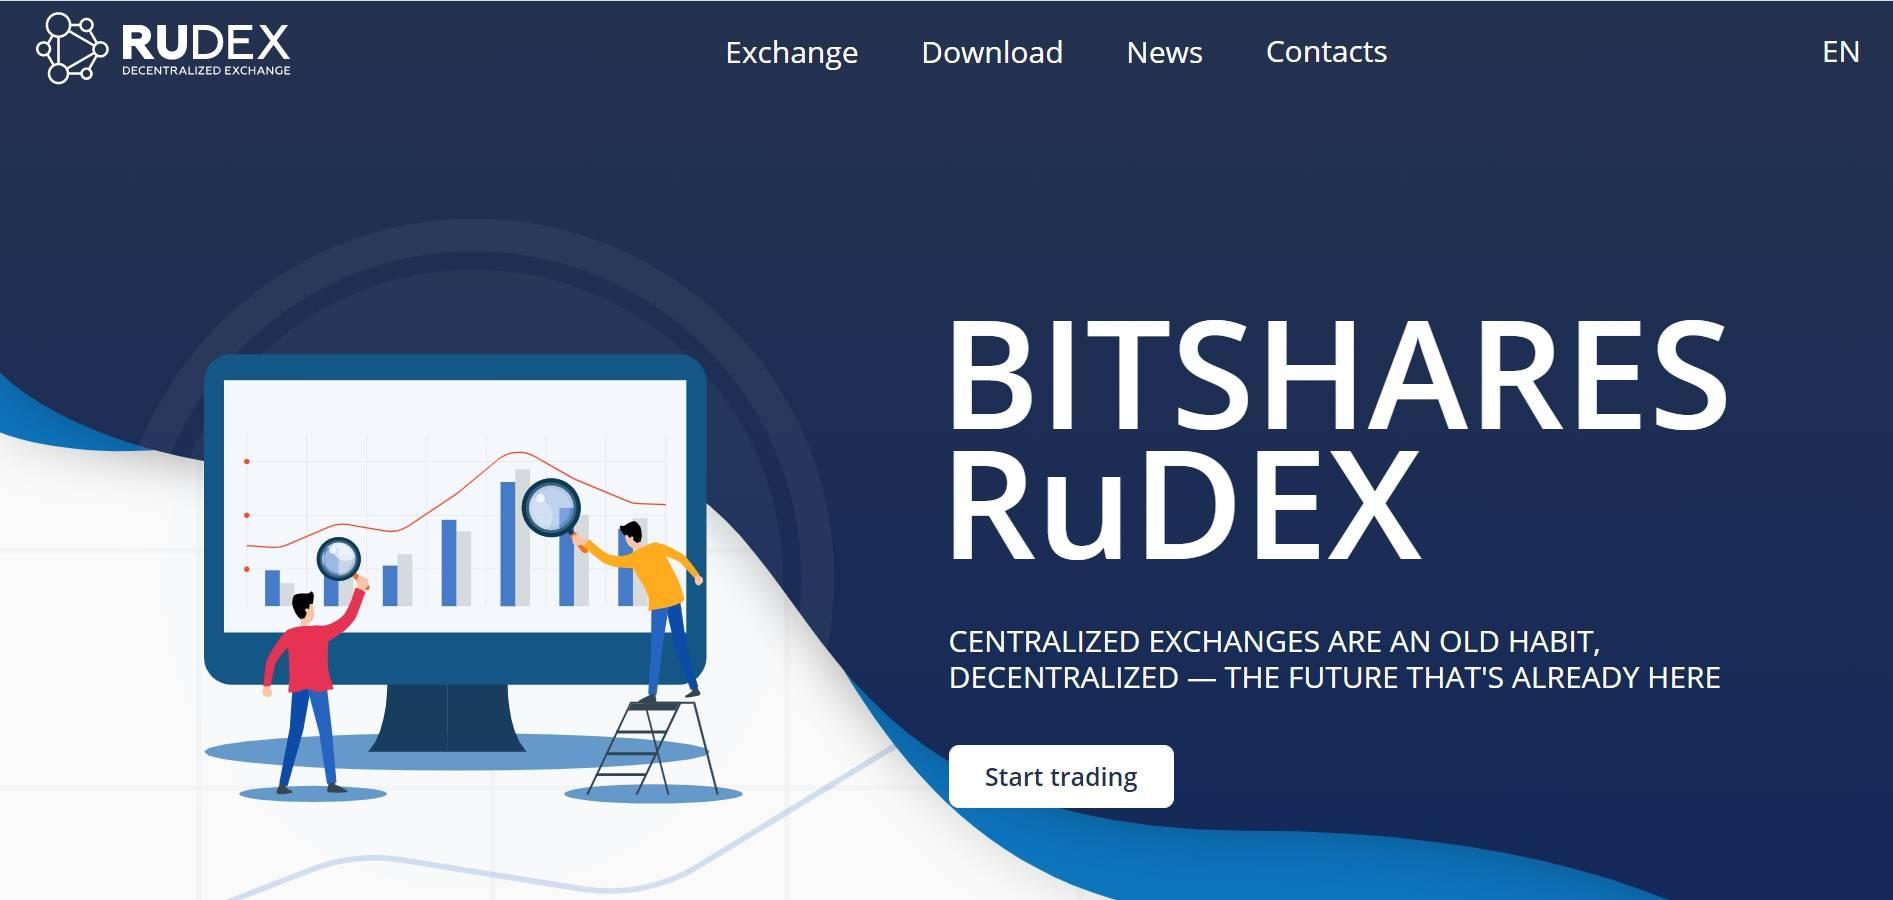 RuDex